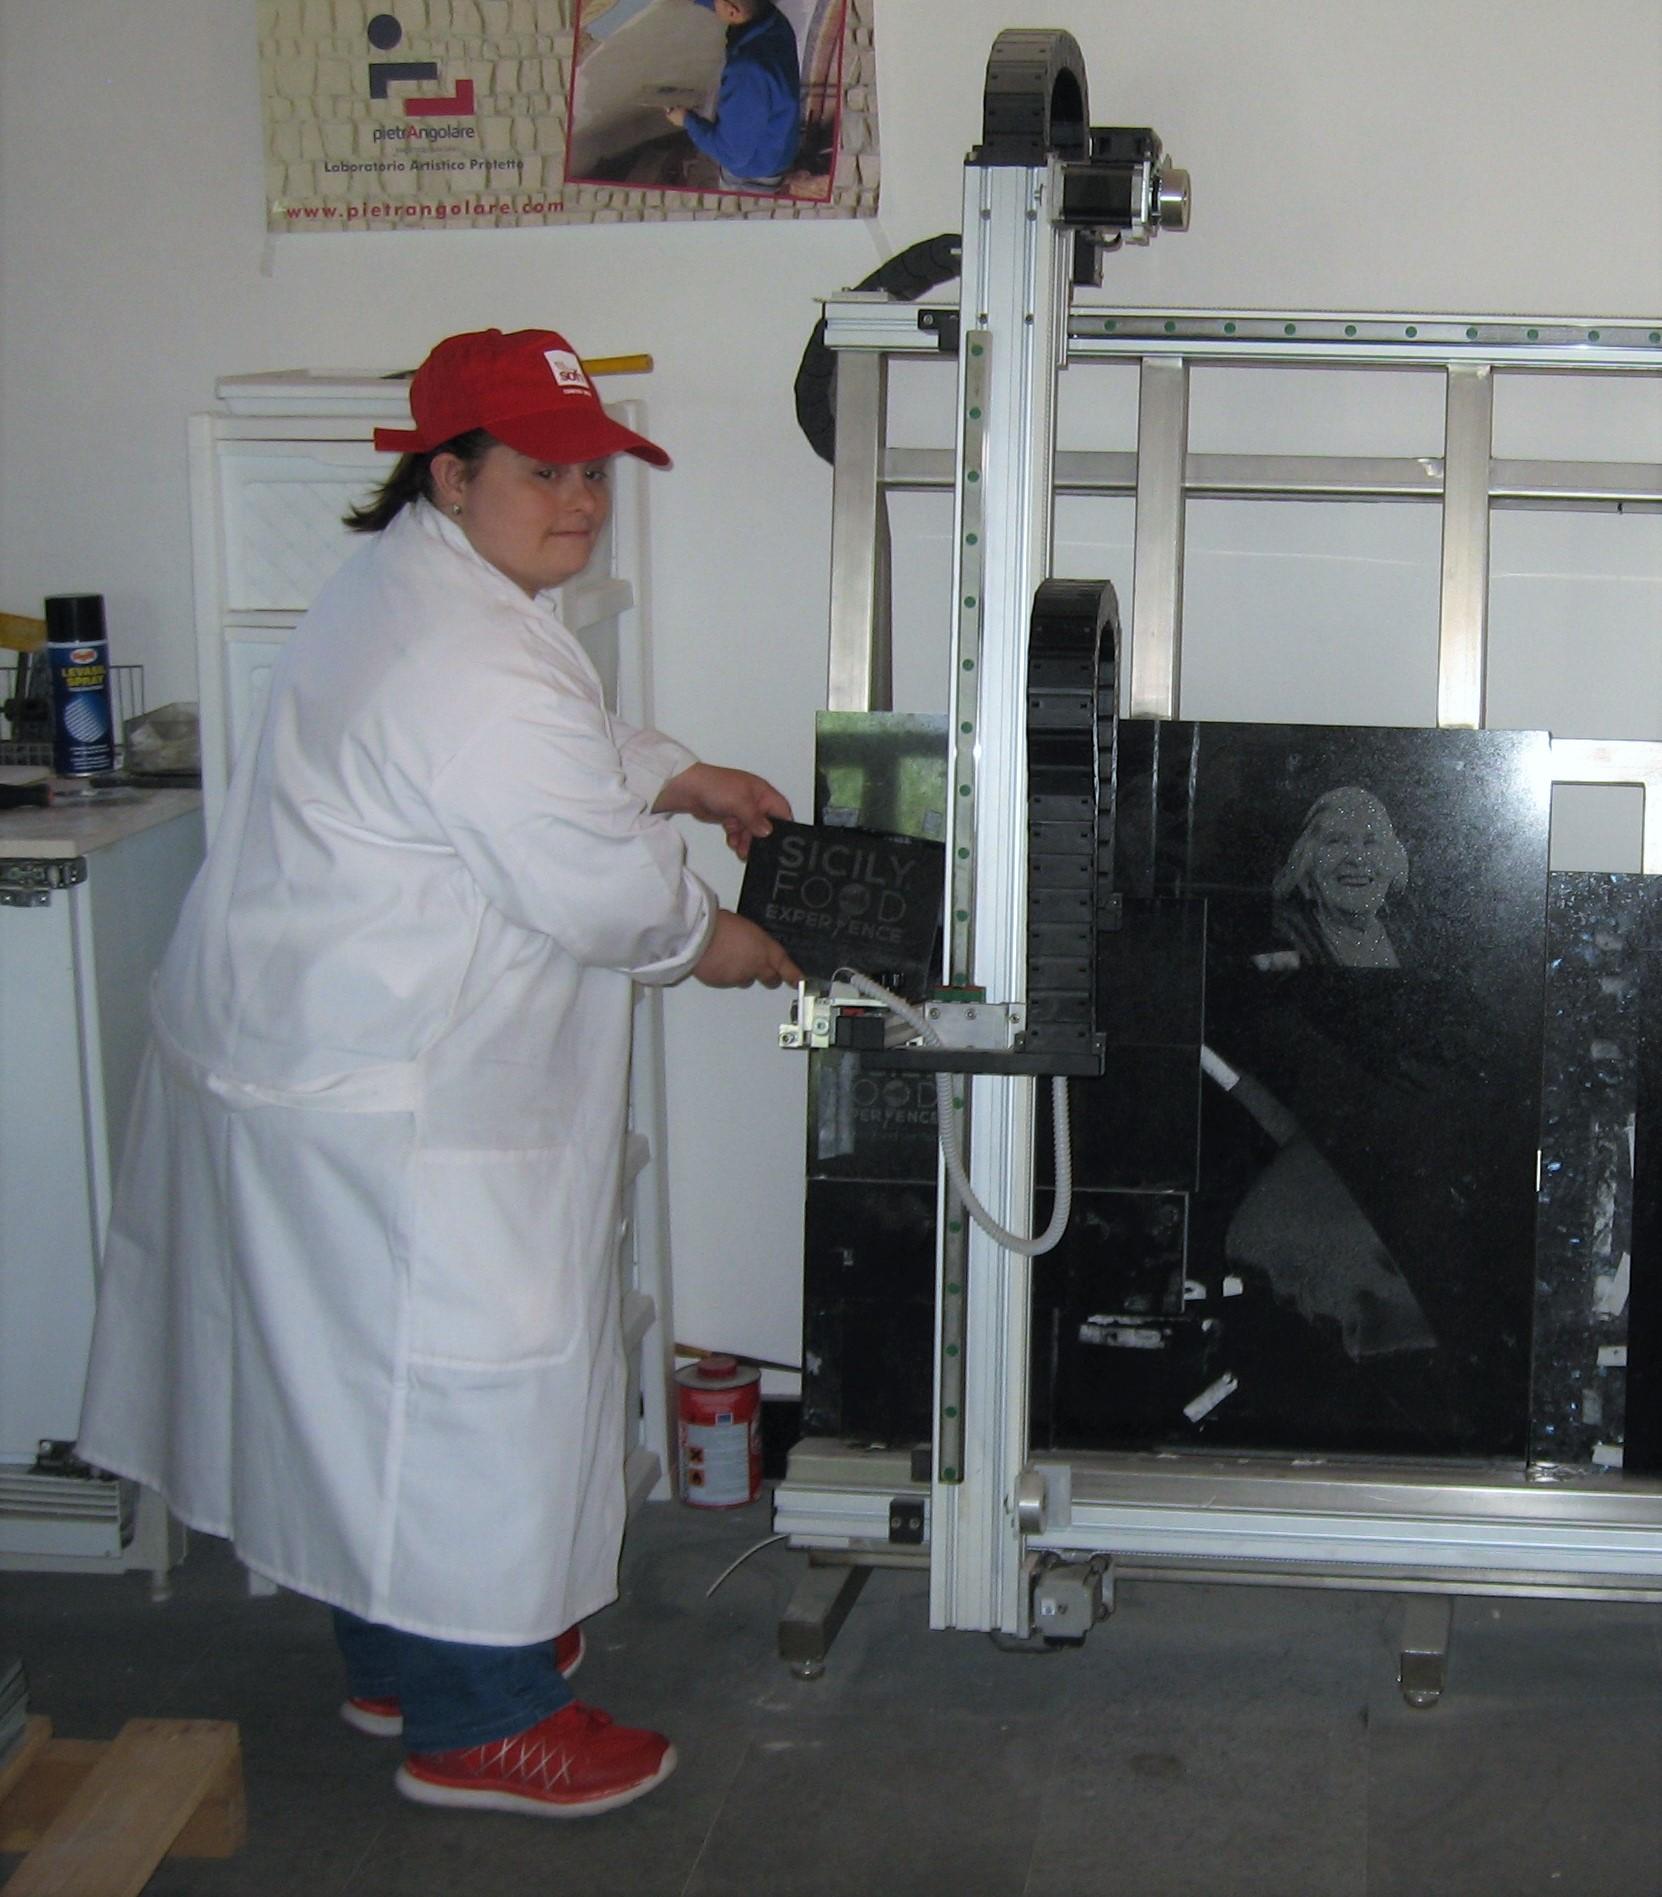 Lavoro A Chiaramonte Gulfi disabilità e lavoro: opere d'arte dalla pietra di scarto